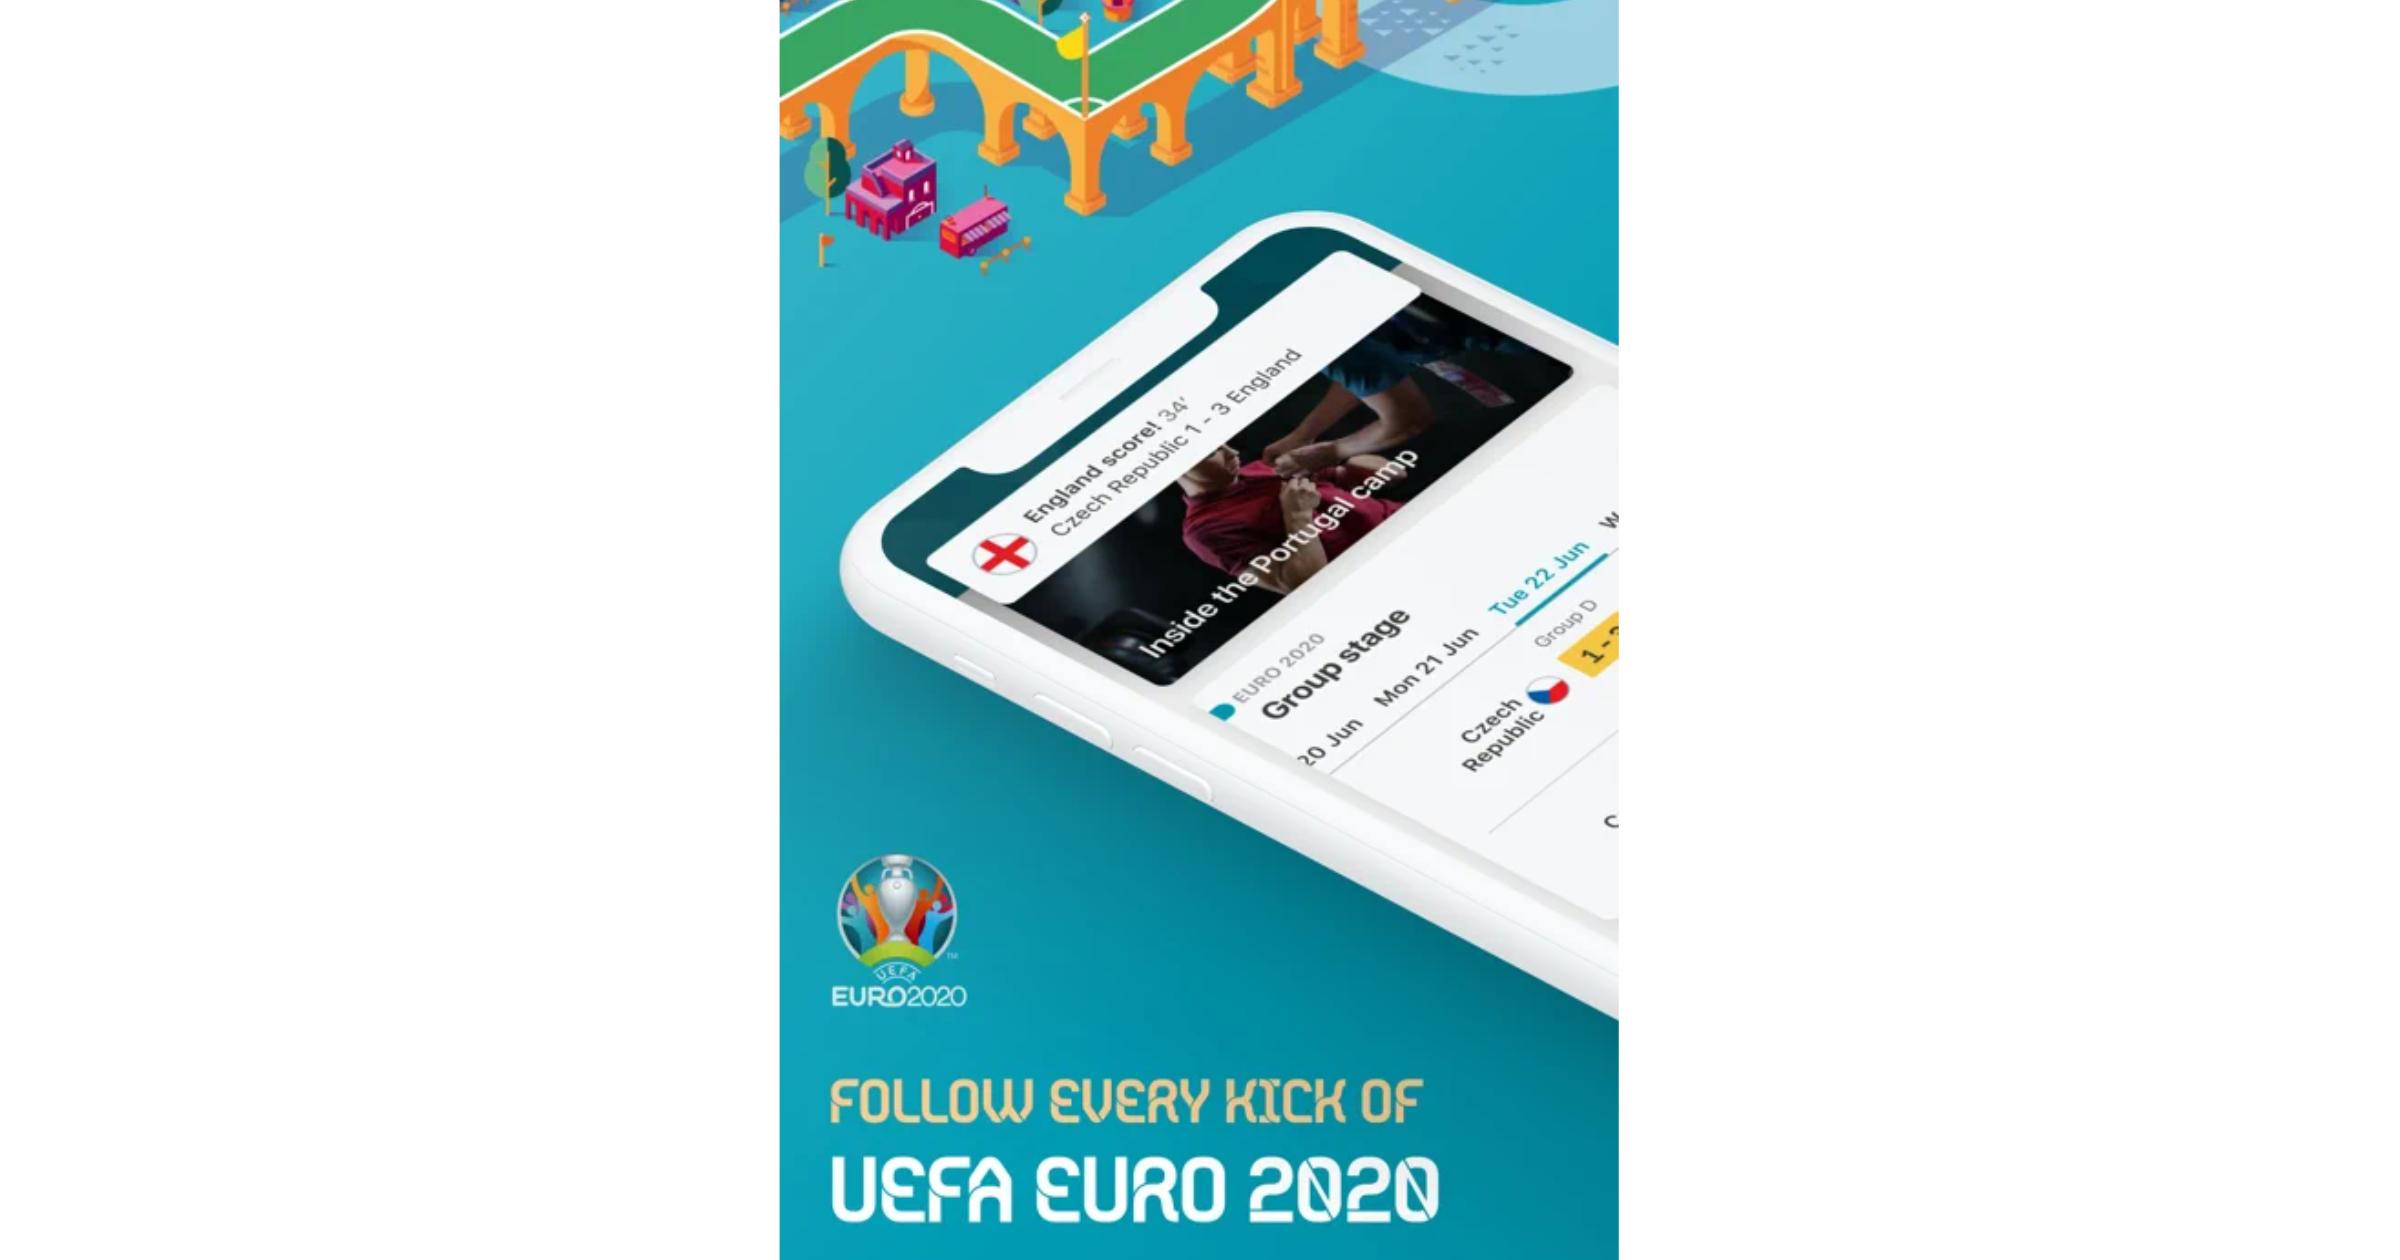 Euro 2020 iPhone app